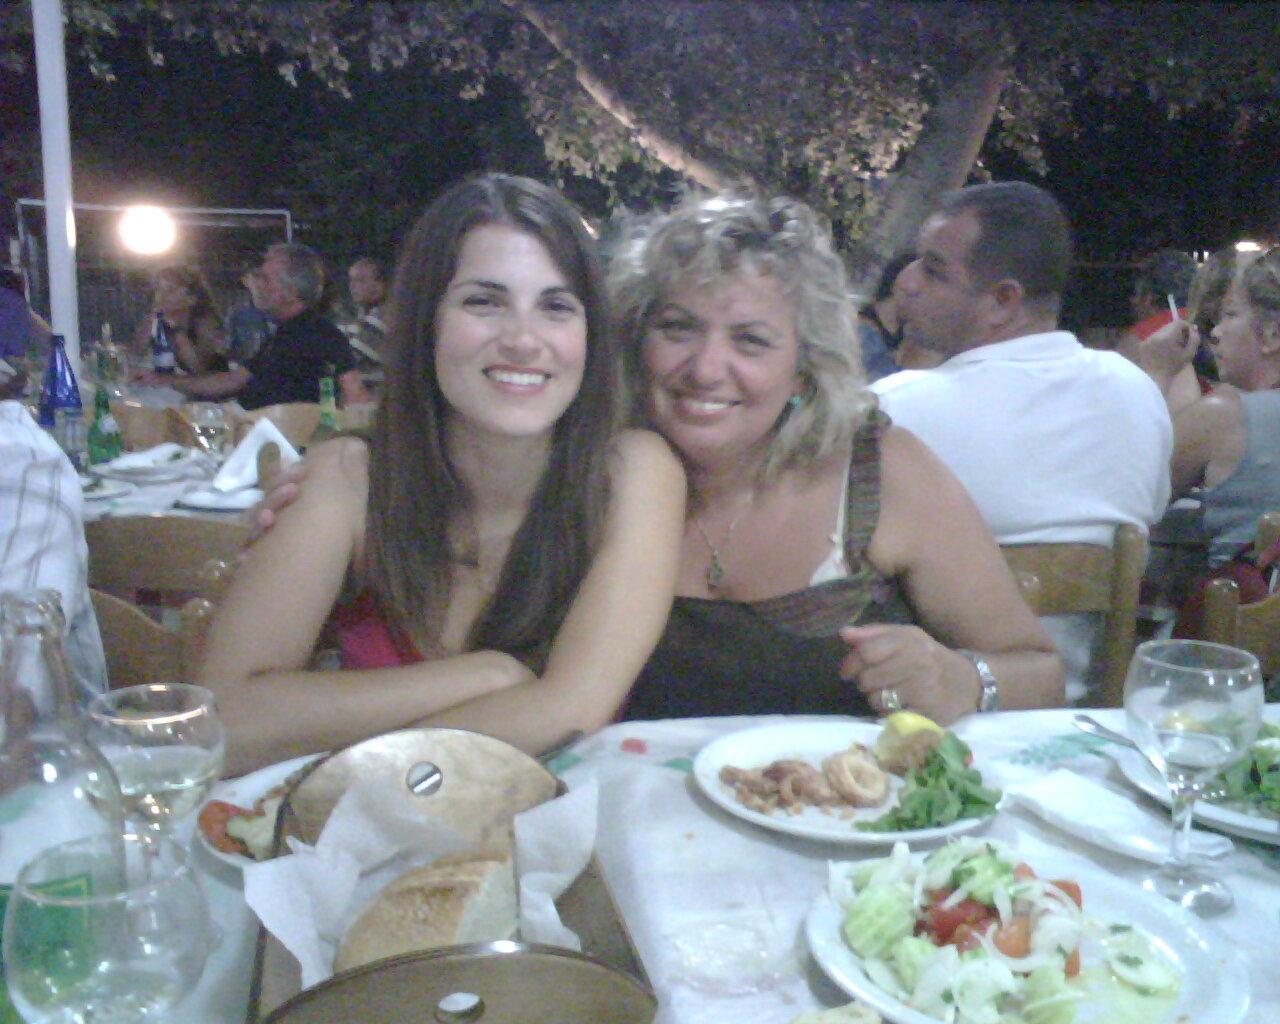 Nameday celebration at the Taverna in Halkidiki, Greece